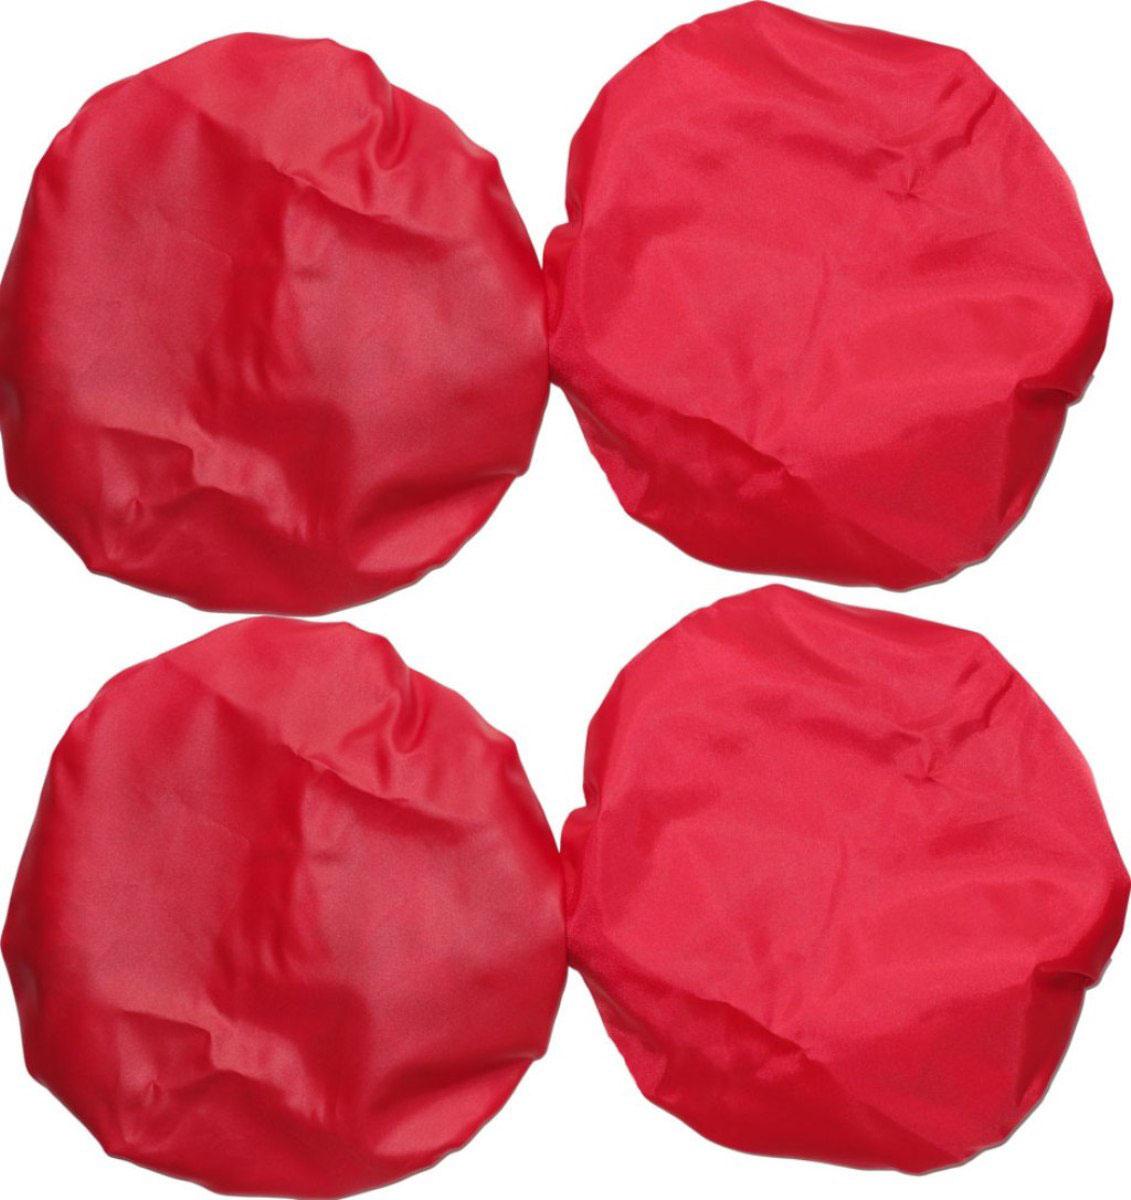 Чудо-Чадо Чехлы на колеса для коляски диаметр 18-28 см цвет красный 4 шт CHK02-005